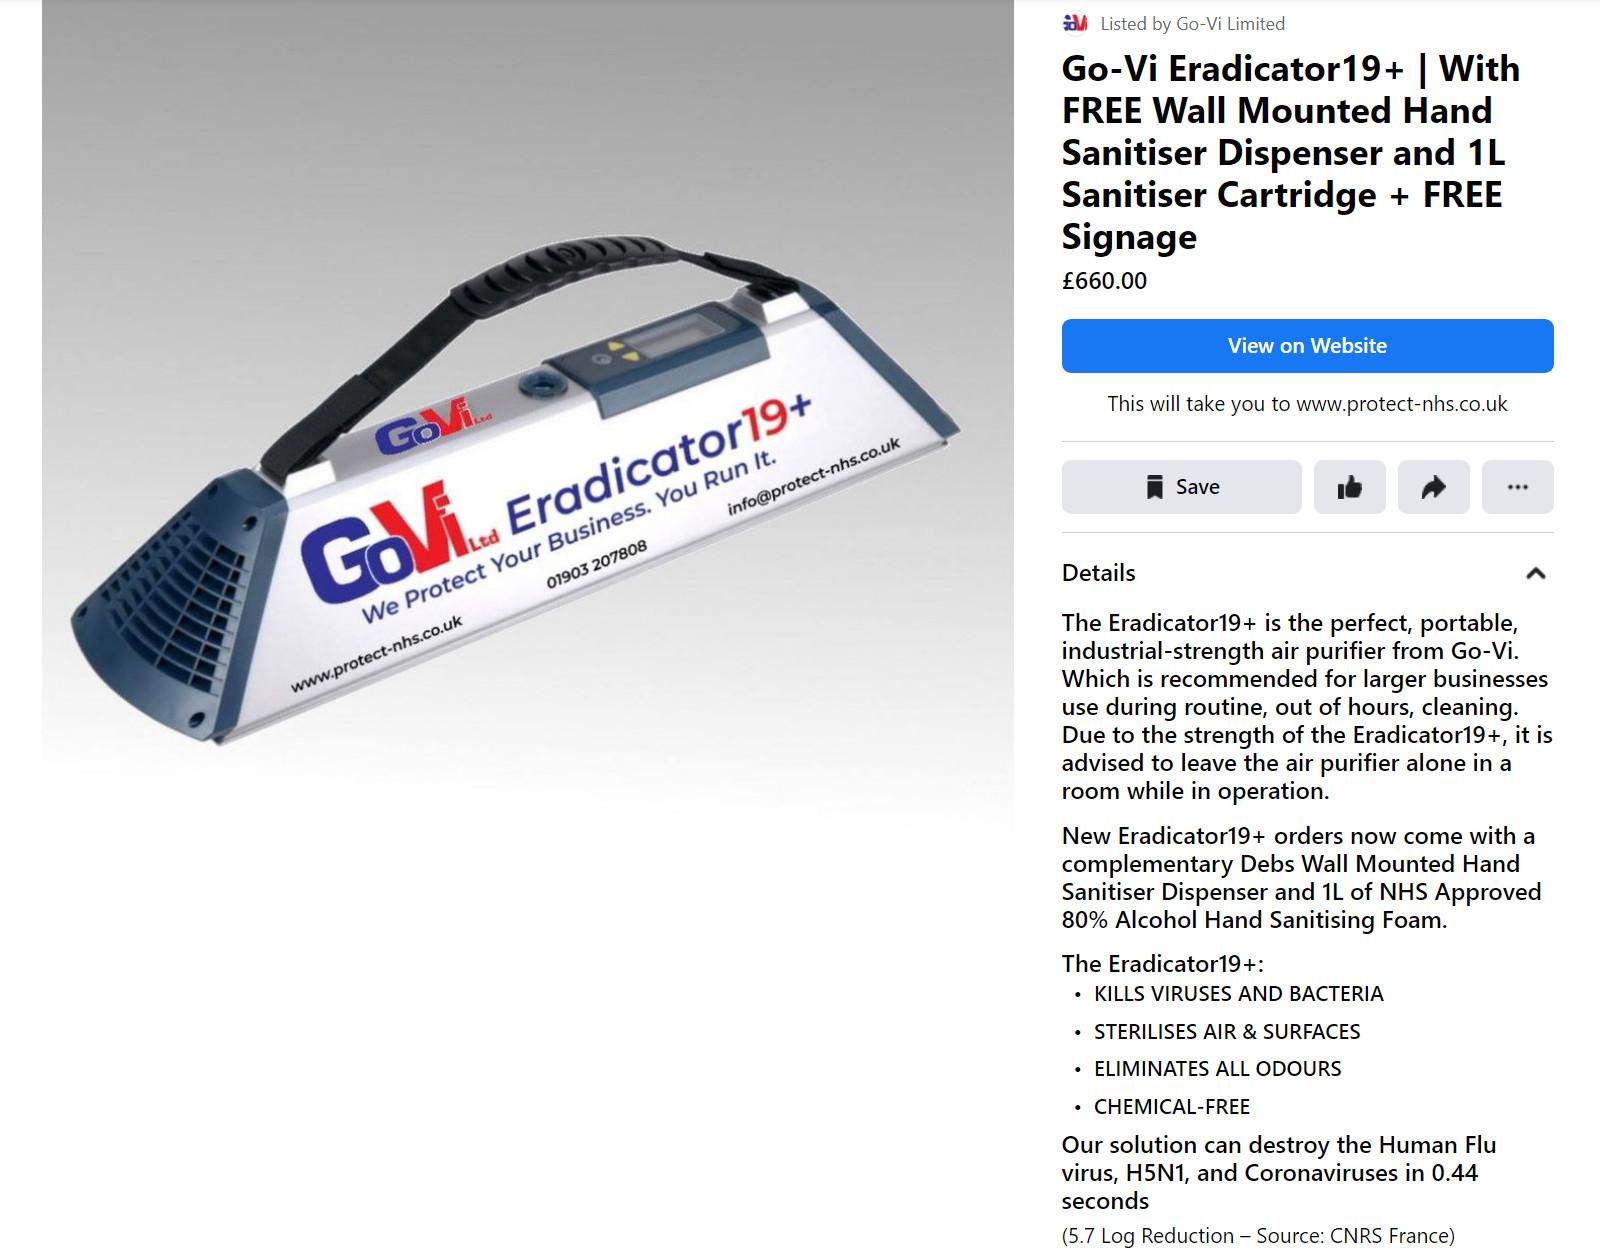 Facebook ad for the Go-Vi Eradicator19